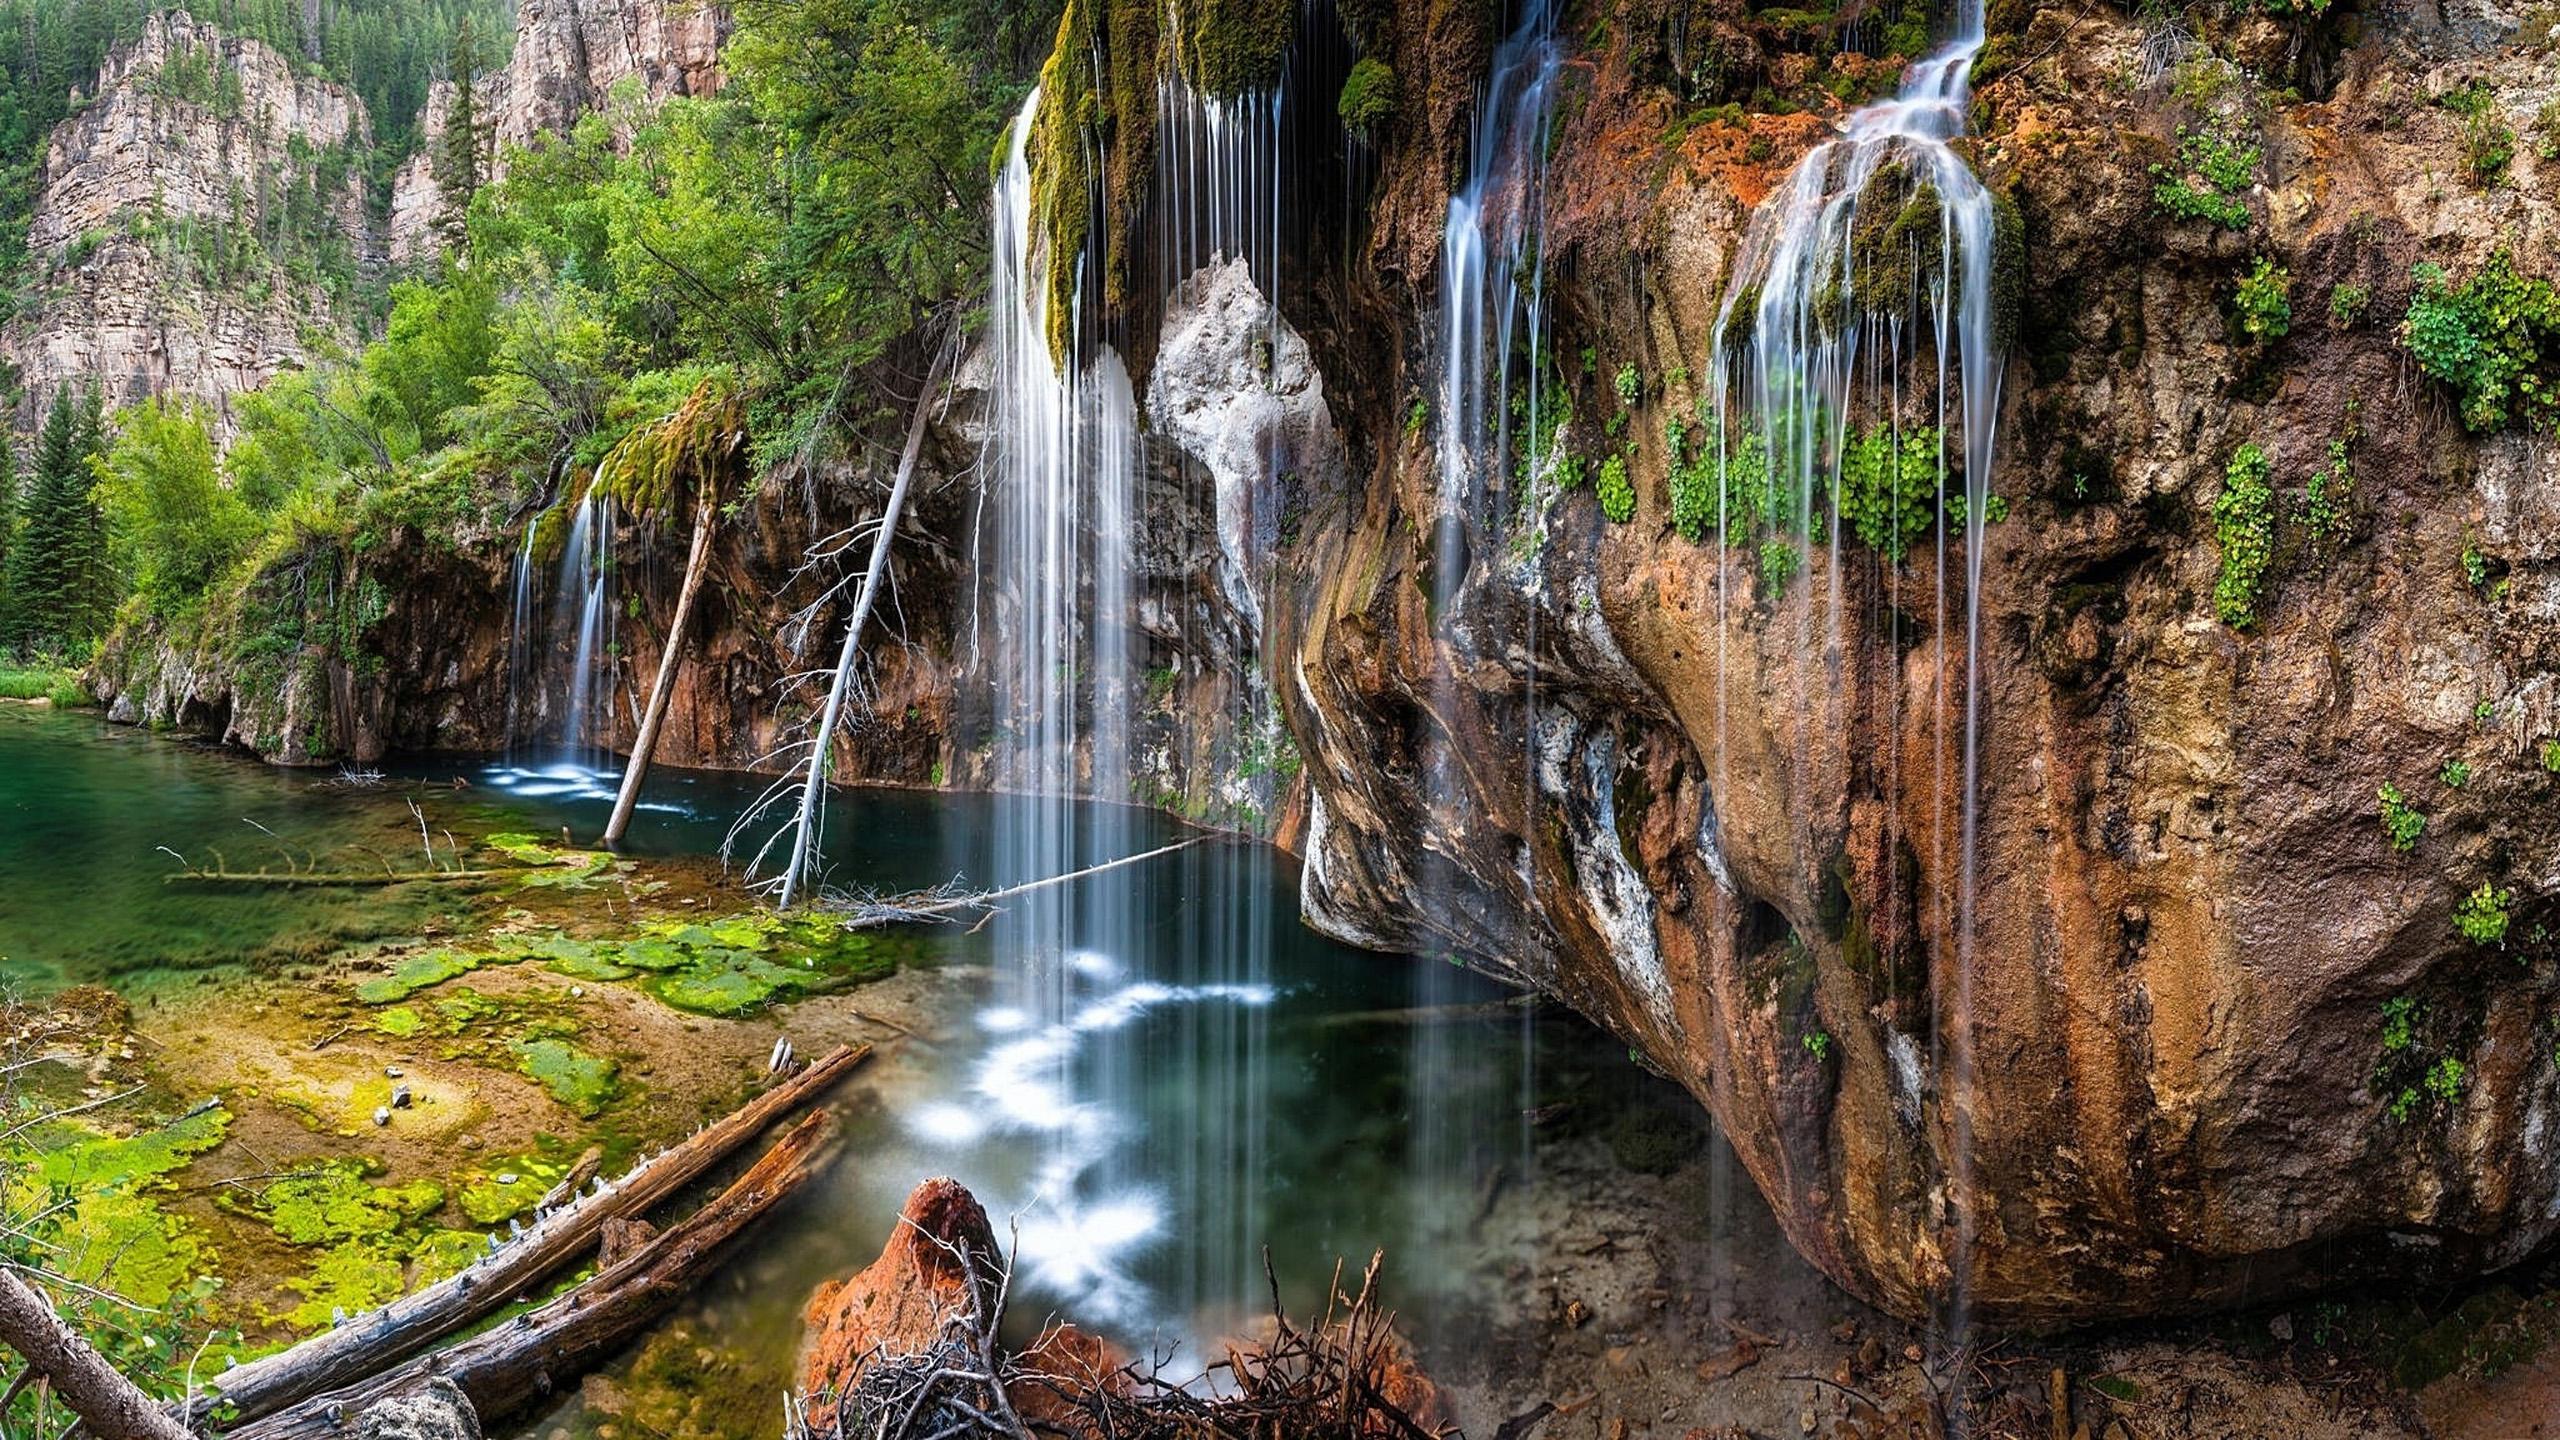 Hanging Lake Glenwood Canyon 7 Miles East Of Glenwood